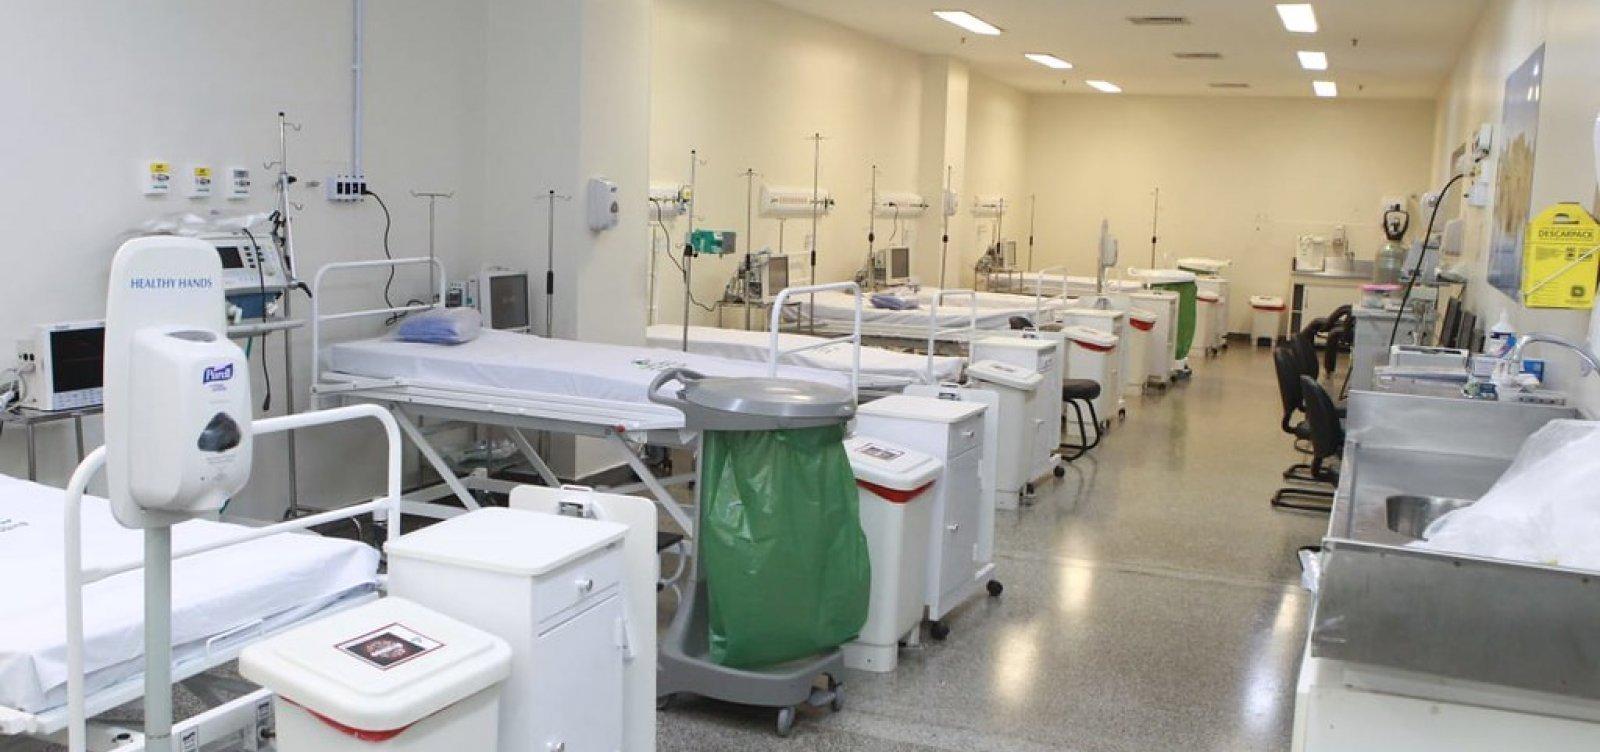 'Vão morrer na rua', diz assessor da Saúde sobre 600 pacientes sem vaga em hospitais de Manaus